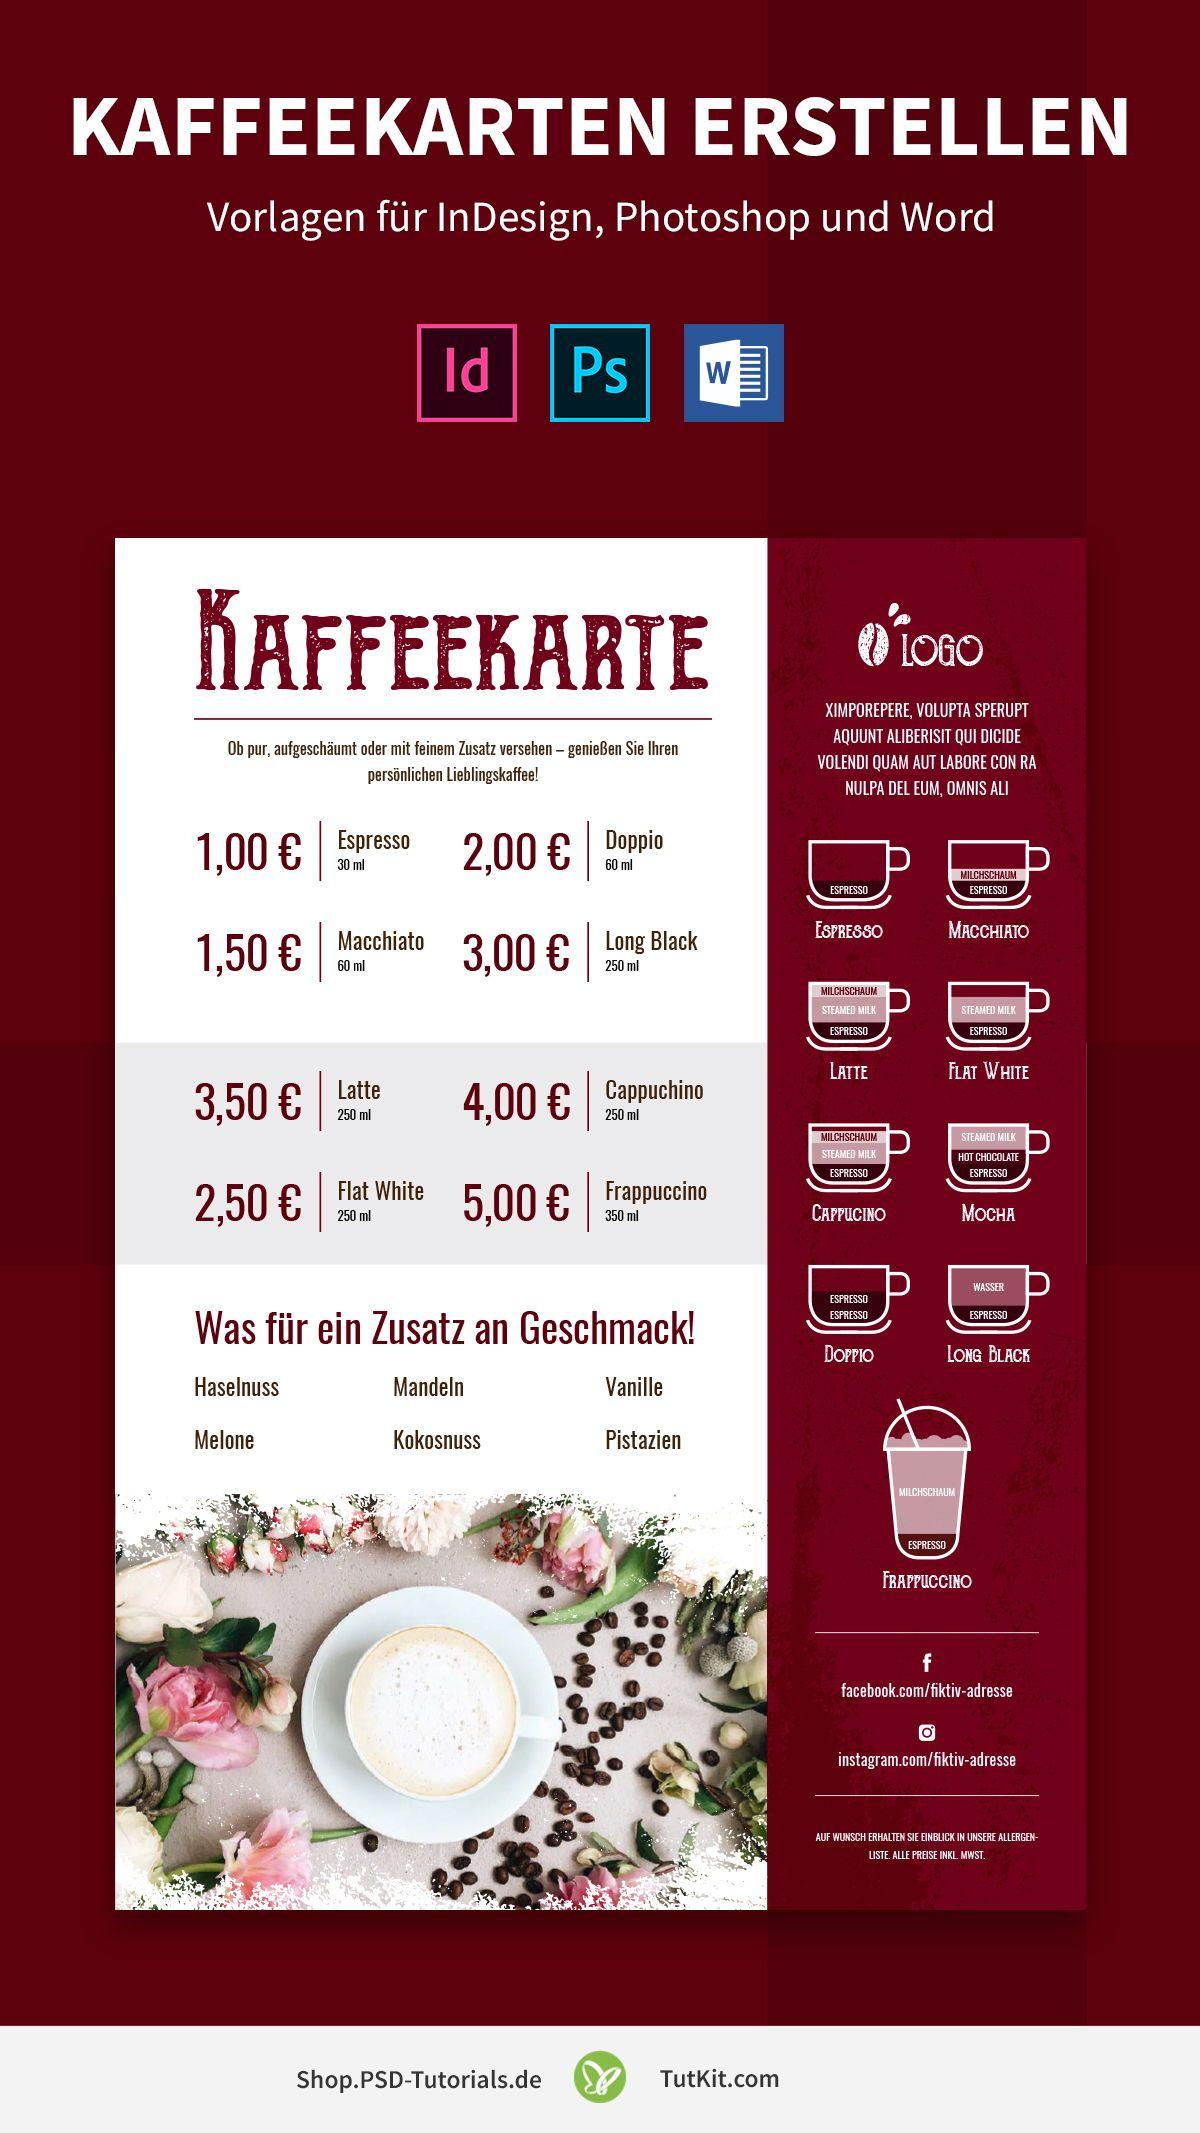 Kaffeekarten Erstellen Vorlagen Fur Indesign Photoshop Und Word In 2020 Kaffeekarten Vorlagen Getranke Karte